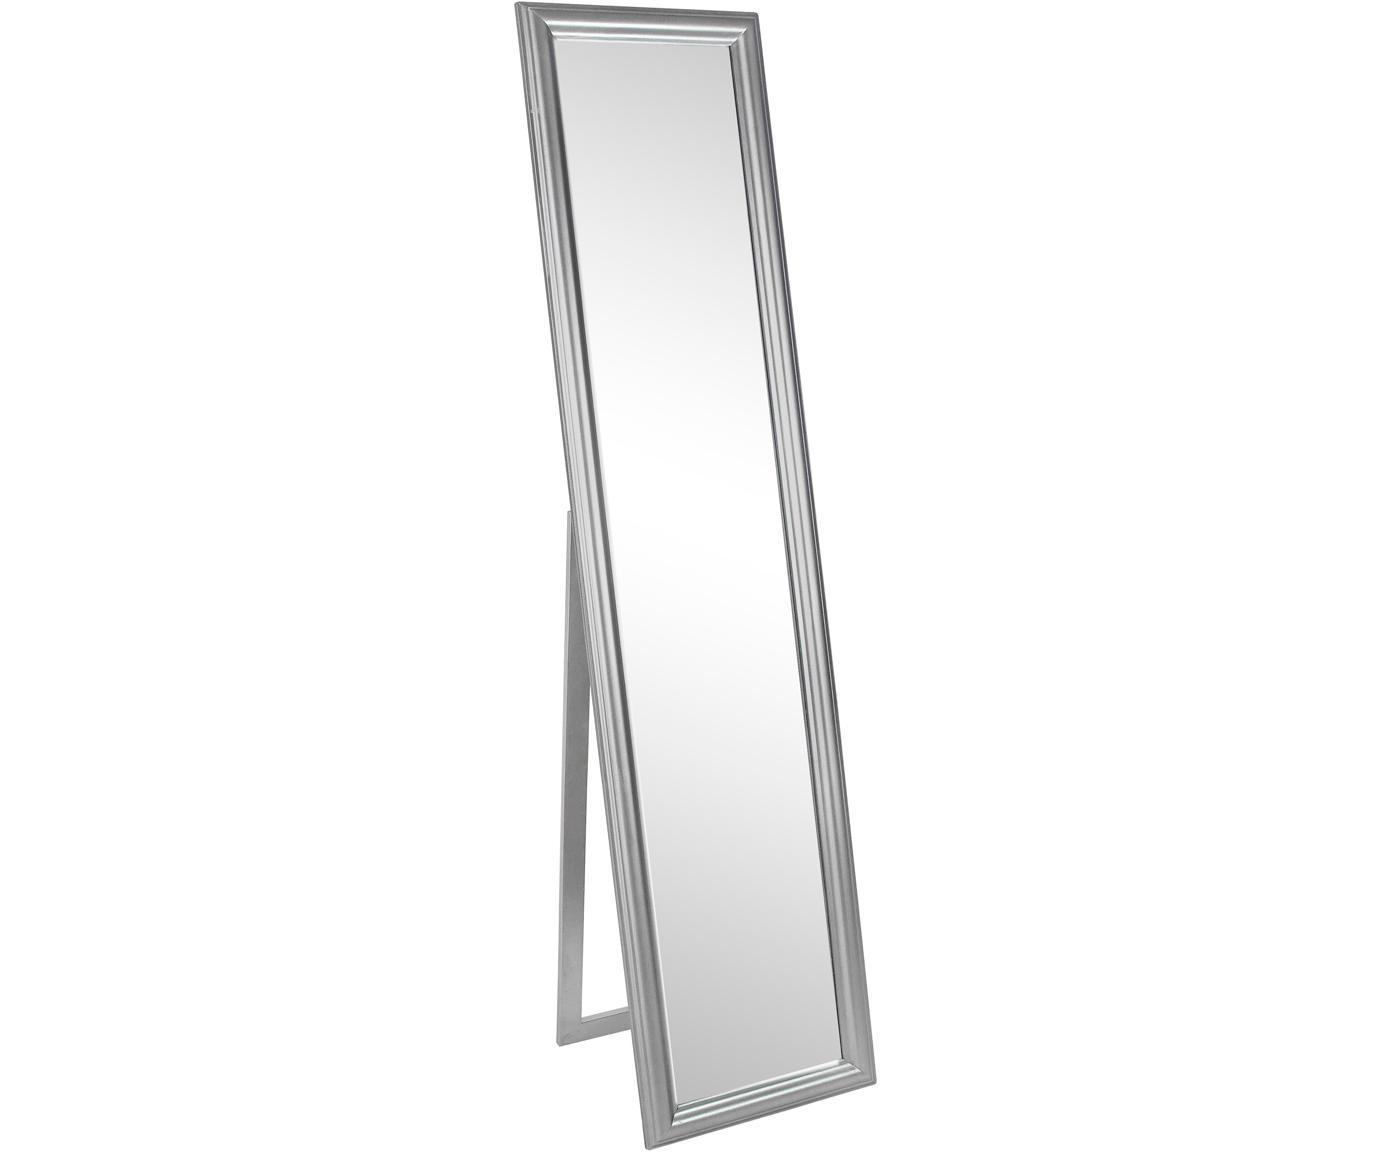 Vloerspiegel Sanzio met zilverkleurige lijst, Lijst: gecoat hout, Zilverkleurig, 40 x 170 cm